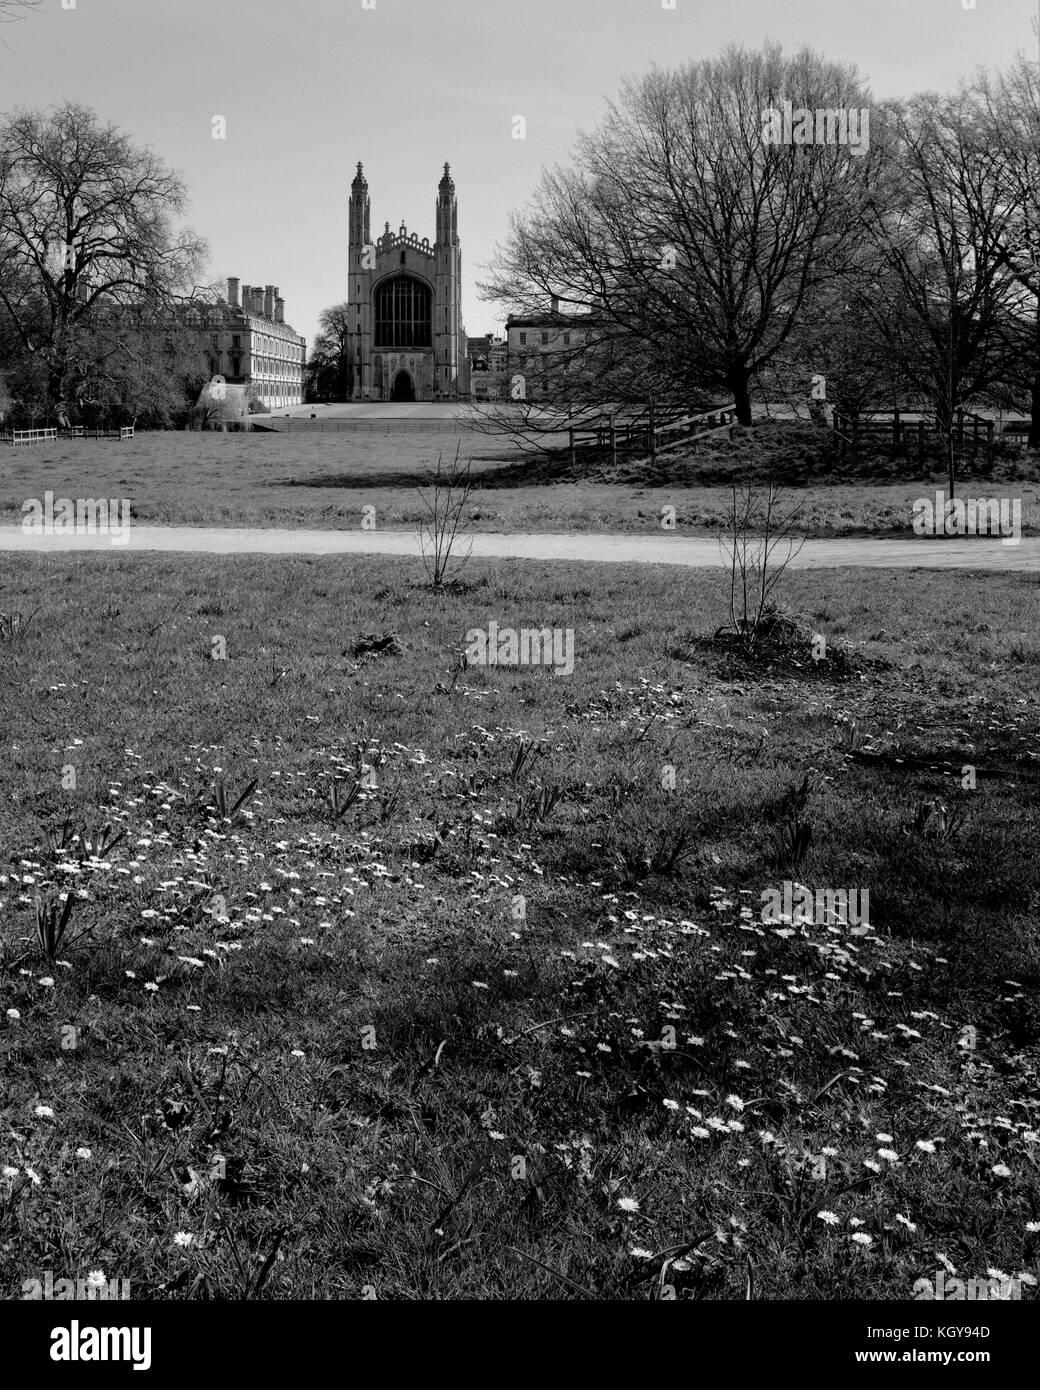 The Cambridge Backs in Springtime - Stock Image